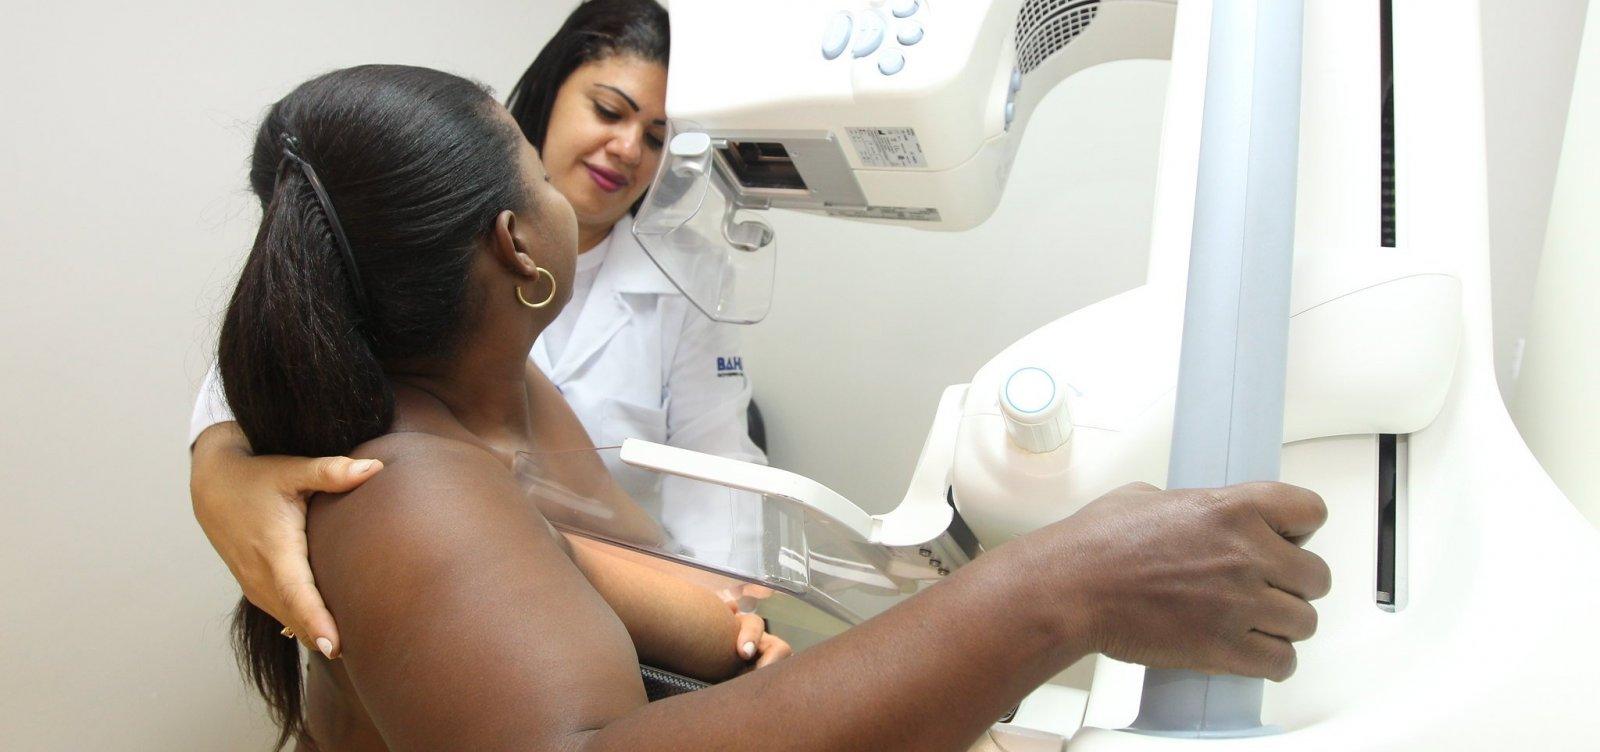 [Outubro Rosa: mutirão oferece 400 mamografias gratuitas em Salvador]